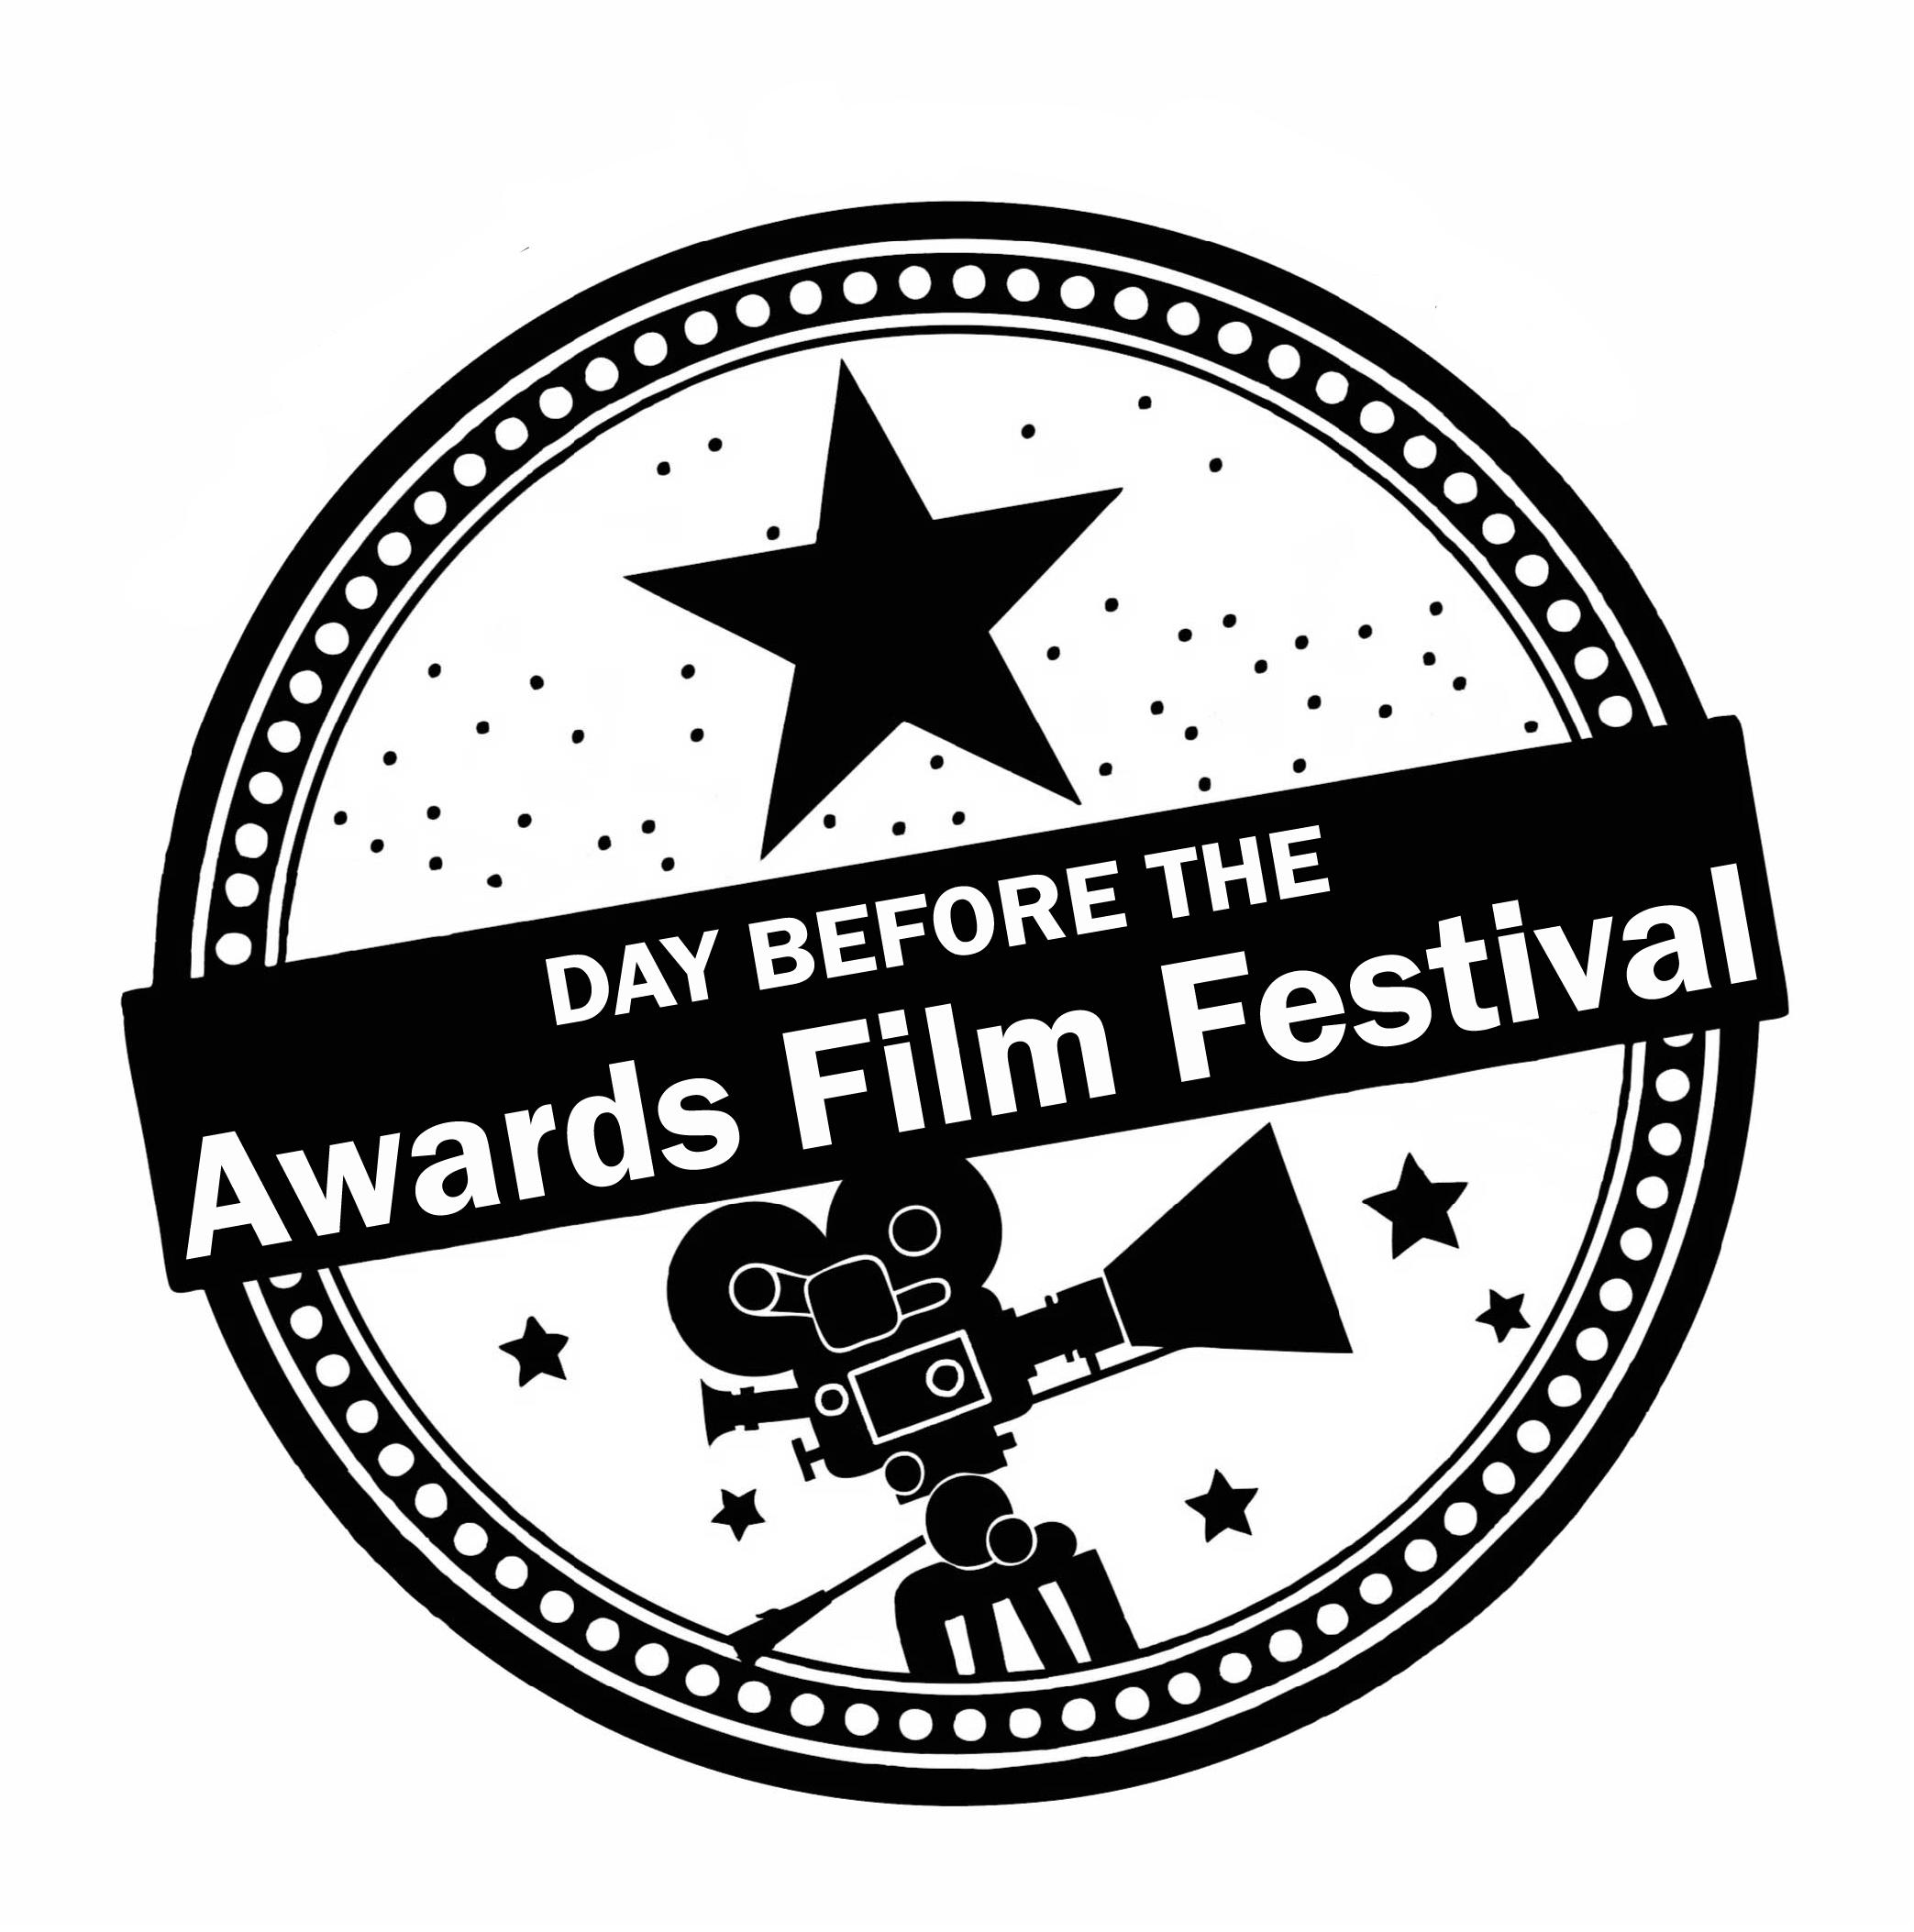 Day Before the Awards Film Festival logo